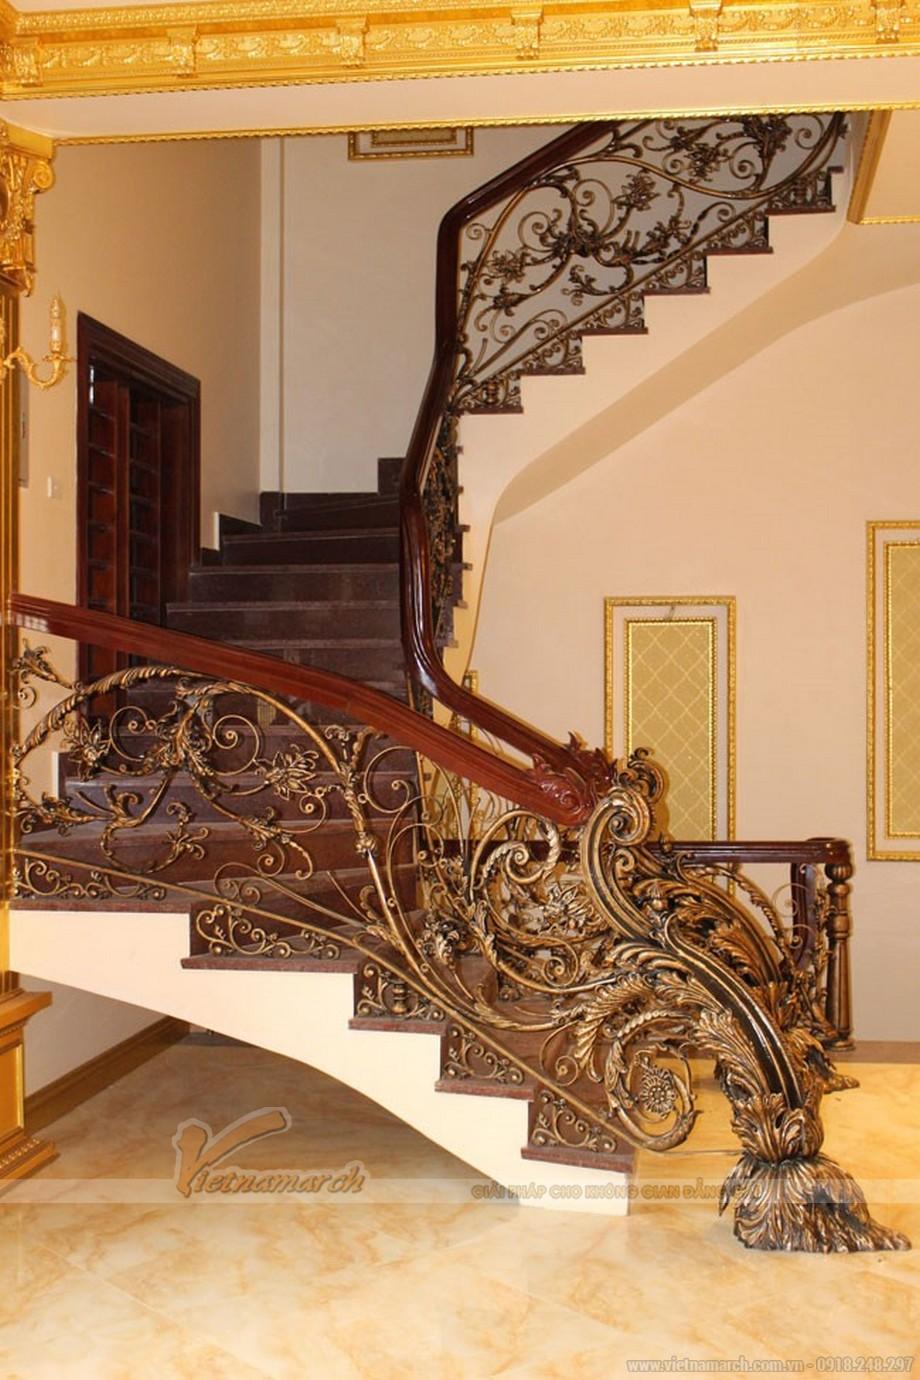 Cầu thang lên tầng được làm bằng gỗ và đồng đúc mạ vàng